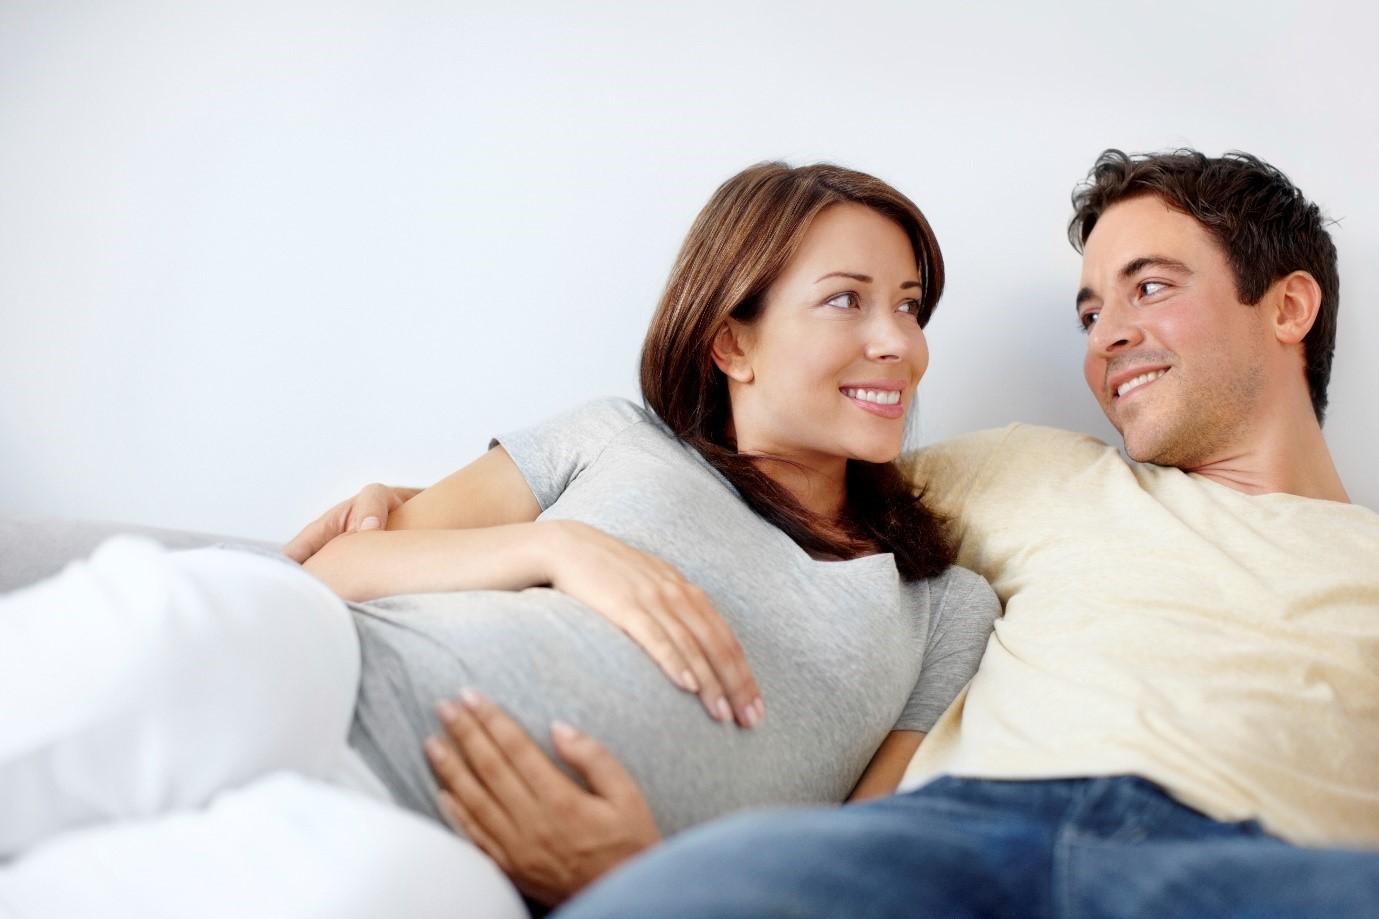 Dvadeset peta nedelja trudnoće